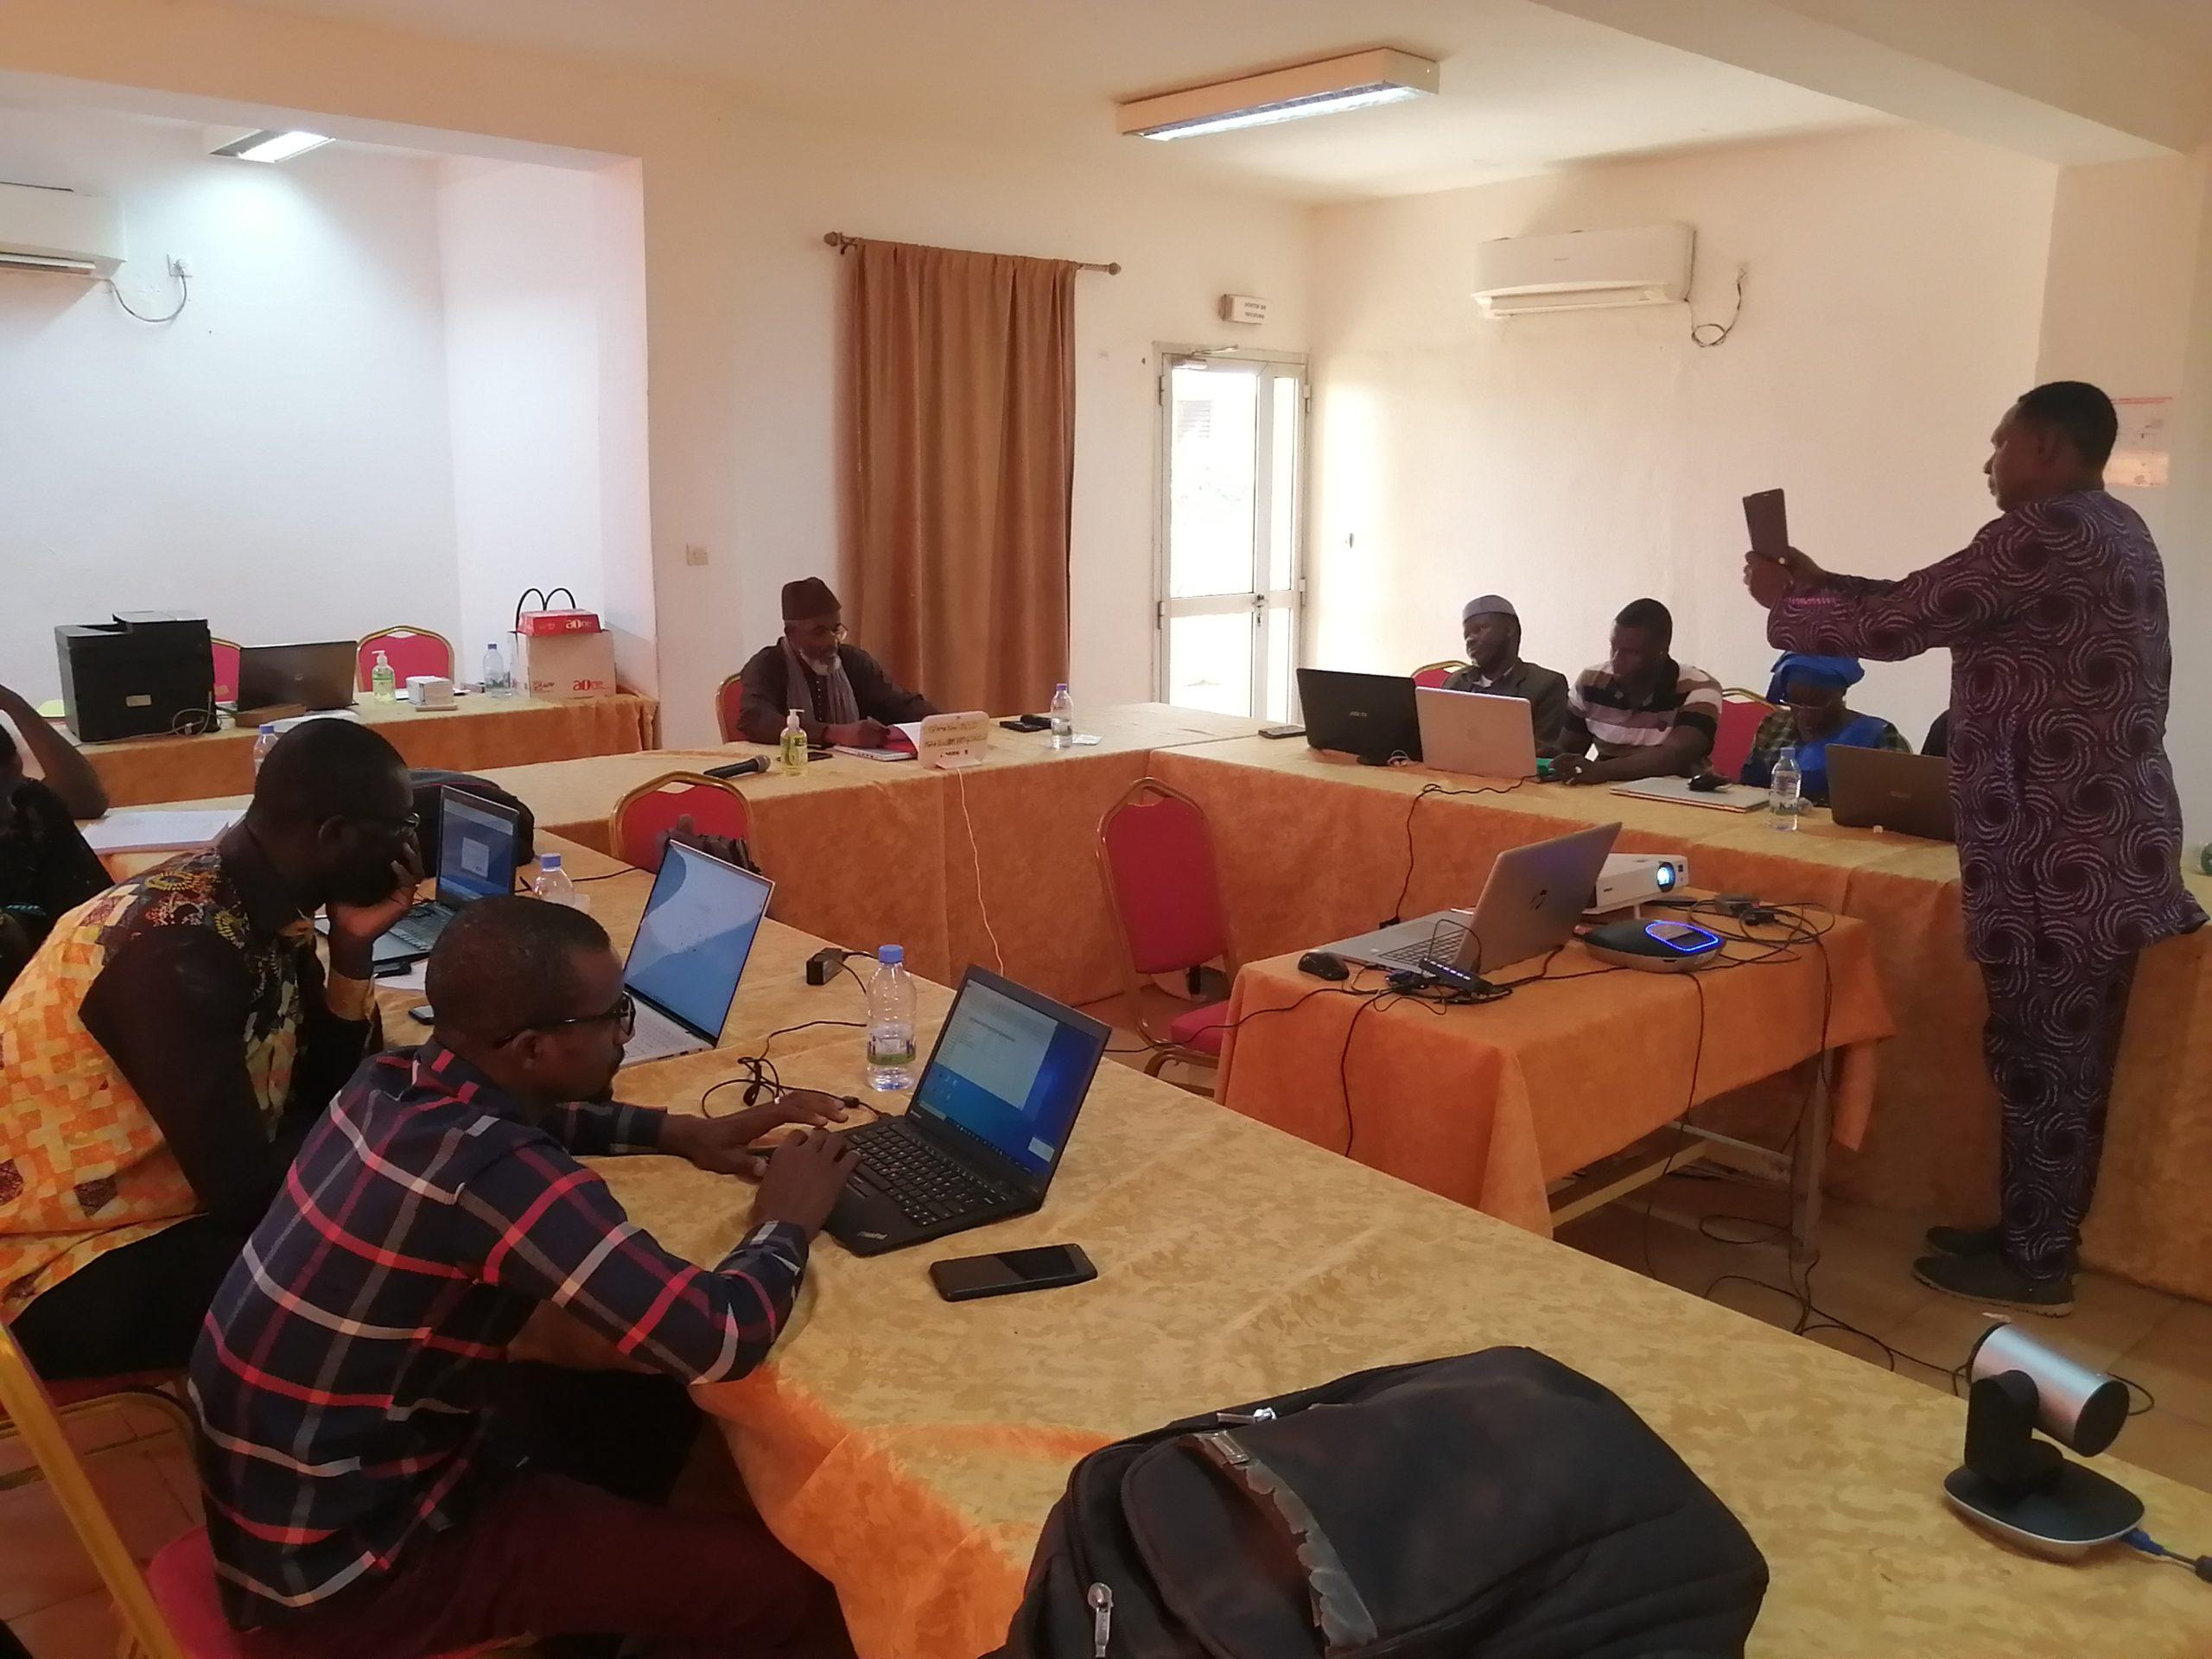 Adaptation au changement climatique dans le bassin de la Volta : Les techniciens à l'école de gestion des inondations, la sécheresse et l'alerte précoce